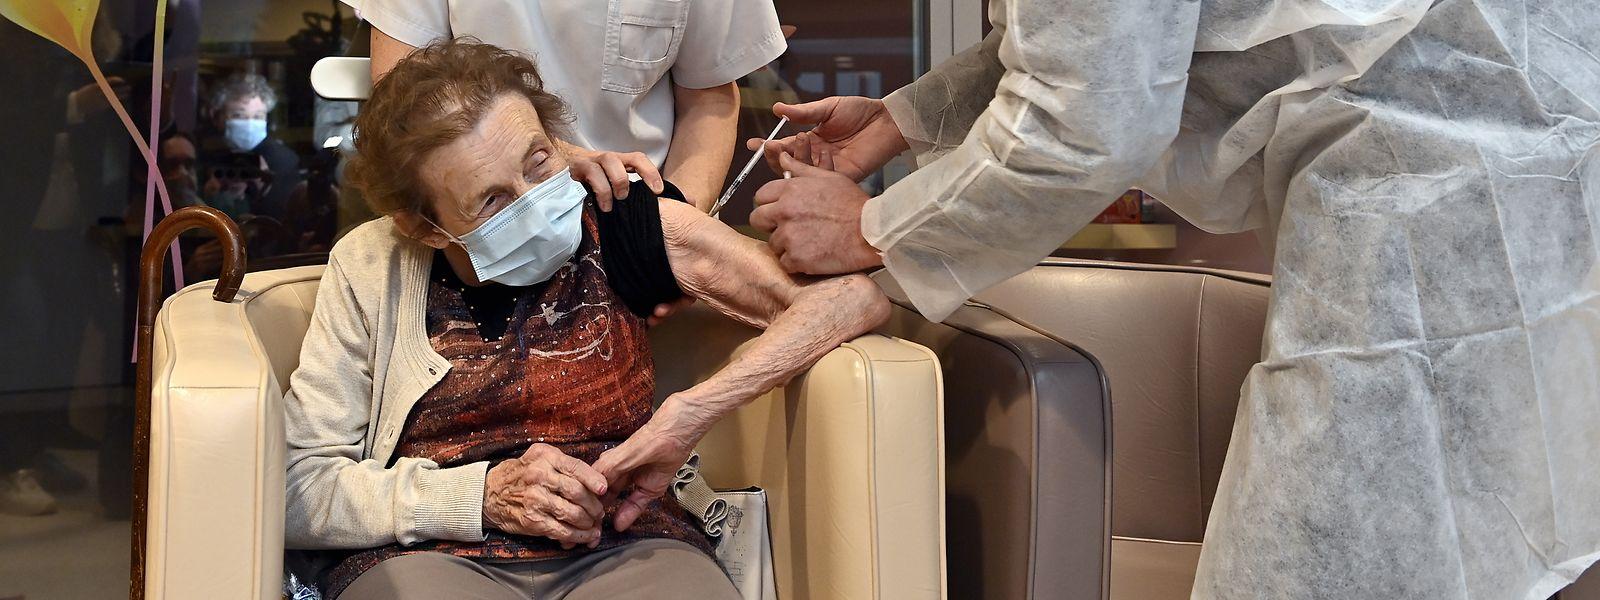 Selon l'infectiologue Yves Coppieters (ULB), le vaccin devrait atténuer le bilan macabre.